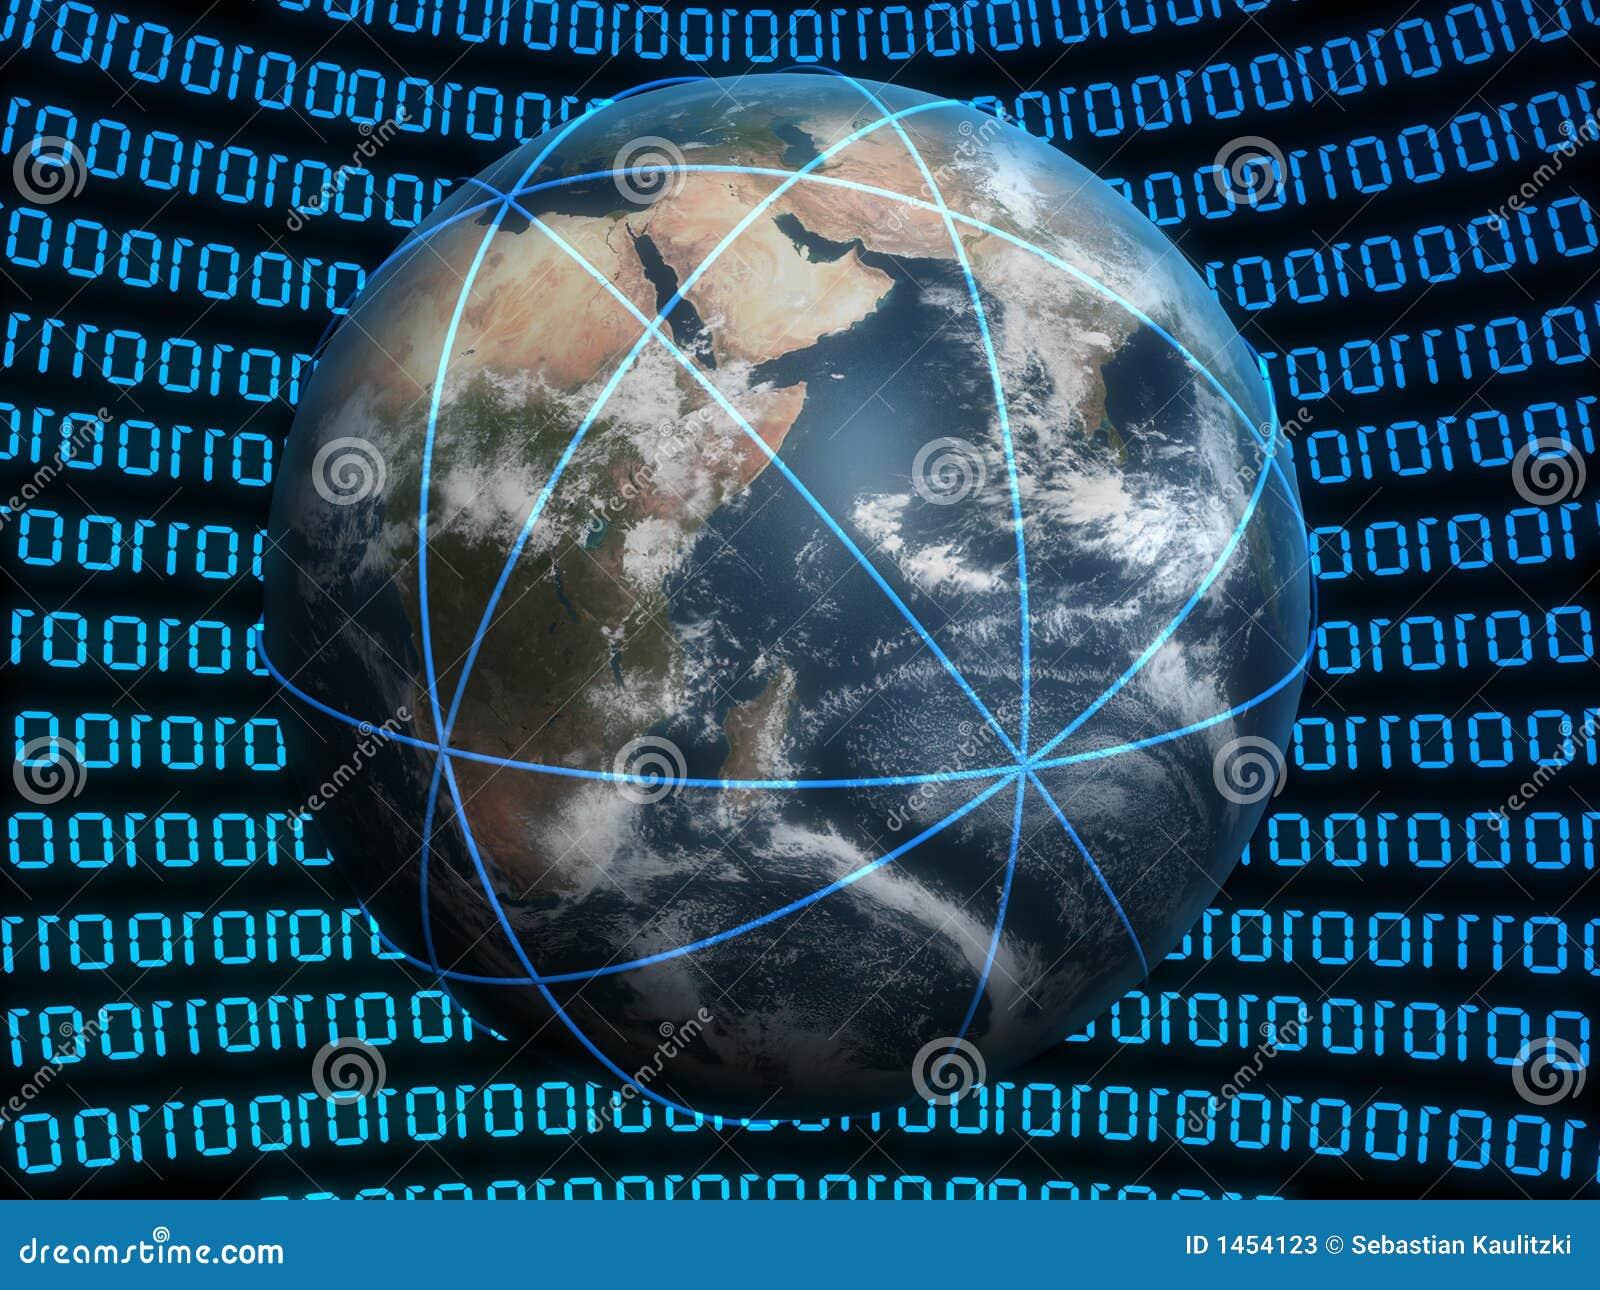 Virtual Globe Stock Photos - Image: 1454123